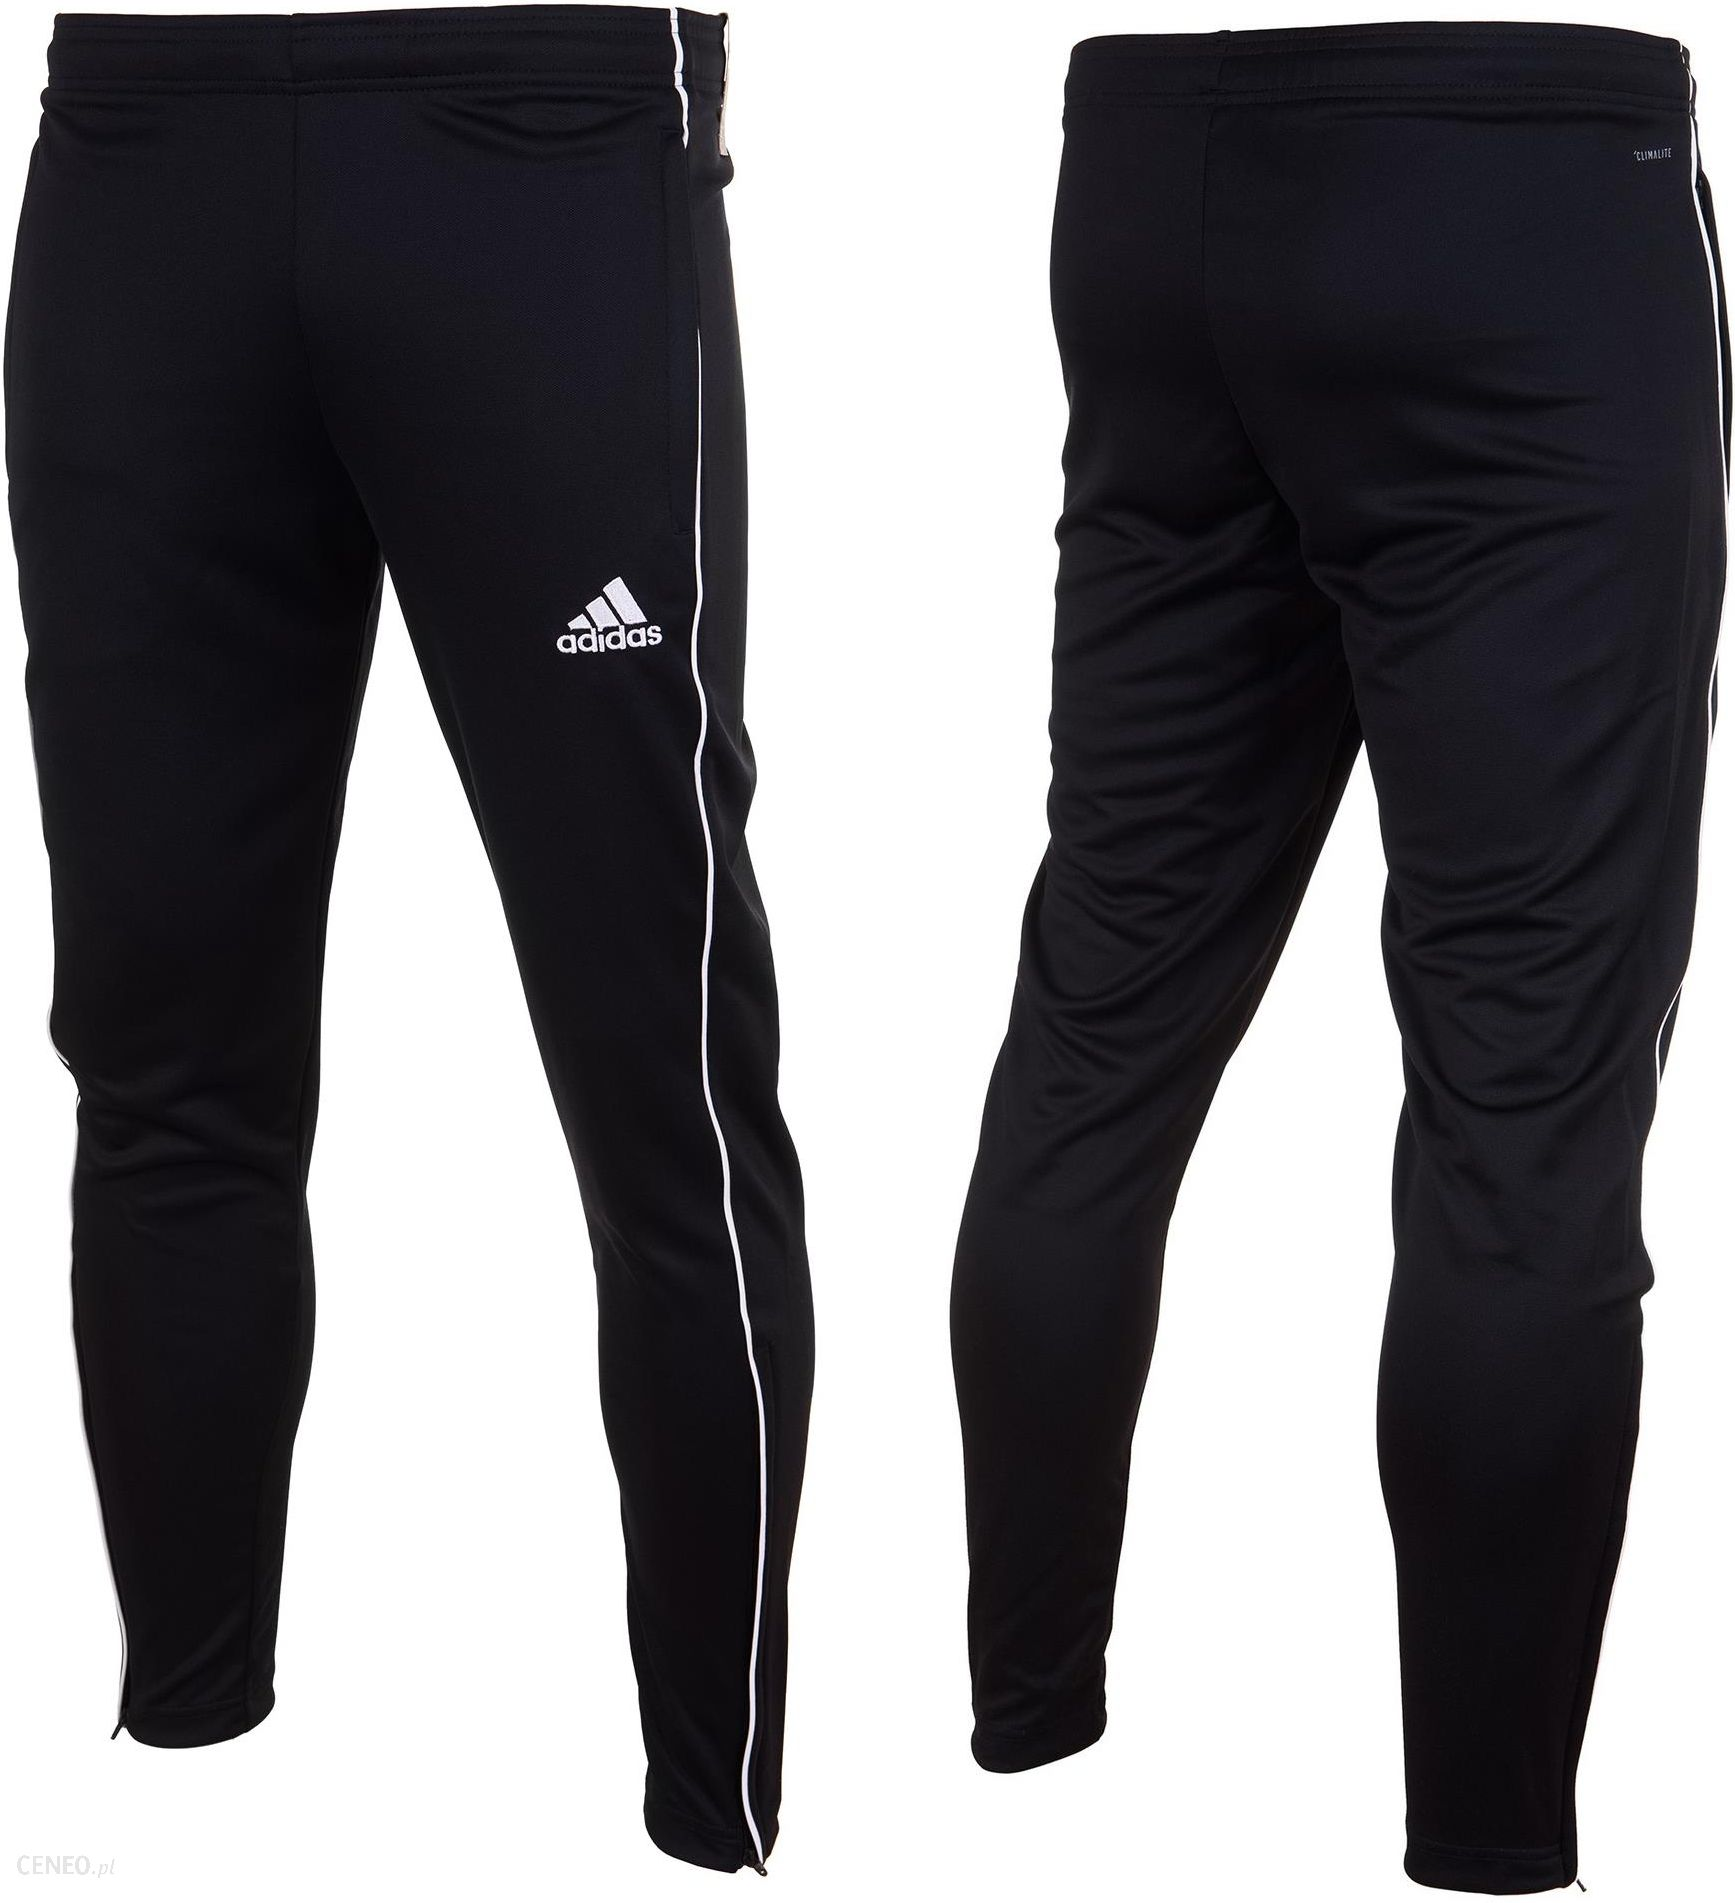 Adidas Spodnie Dresowe Junior Core 18 CE9034 r 140 Ceny i opinie Ceneo.pl